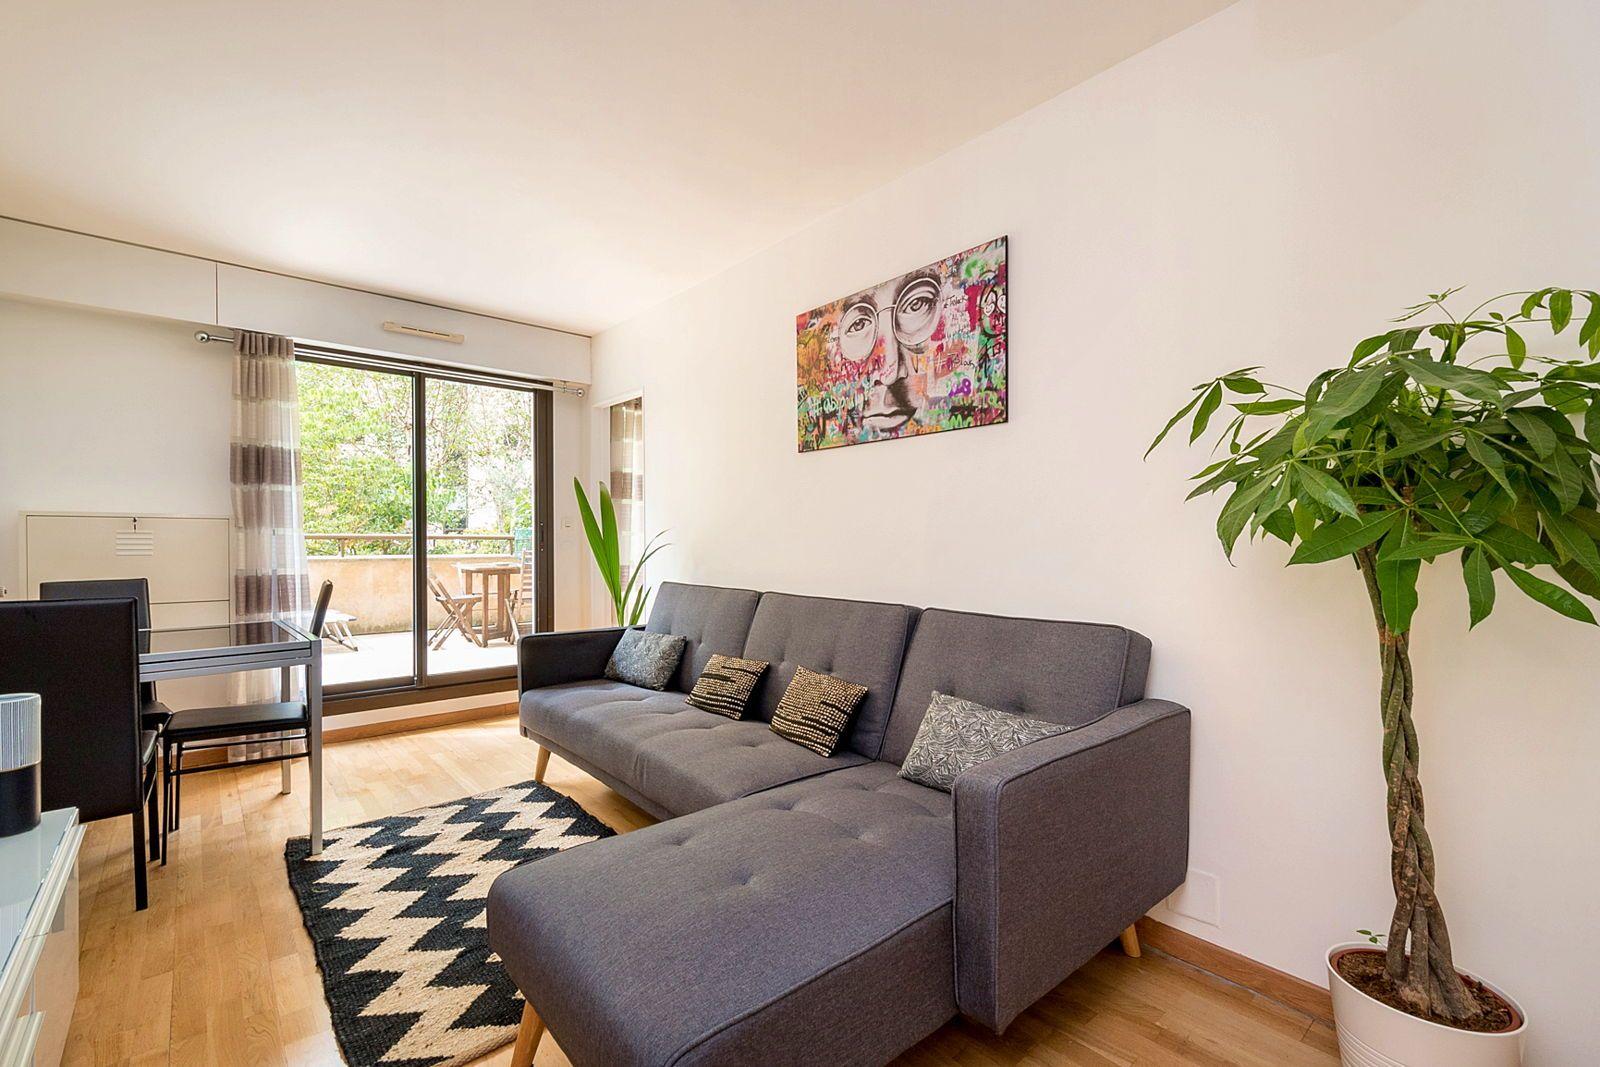 Loue T2meublé 30m² avec terrasse 20m² + parking - Levallois-Perret (92)